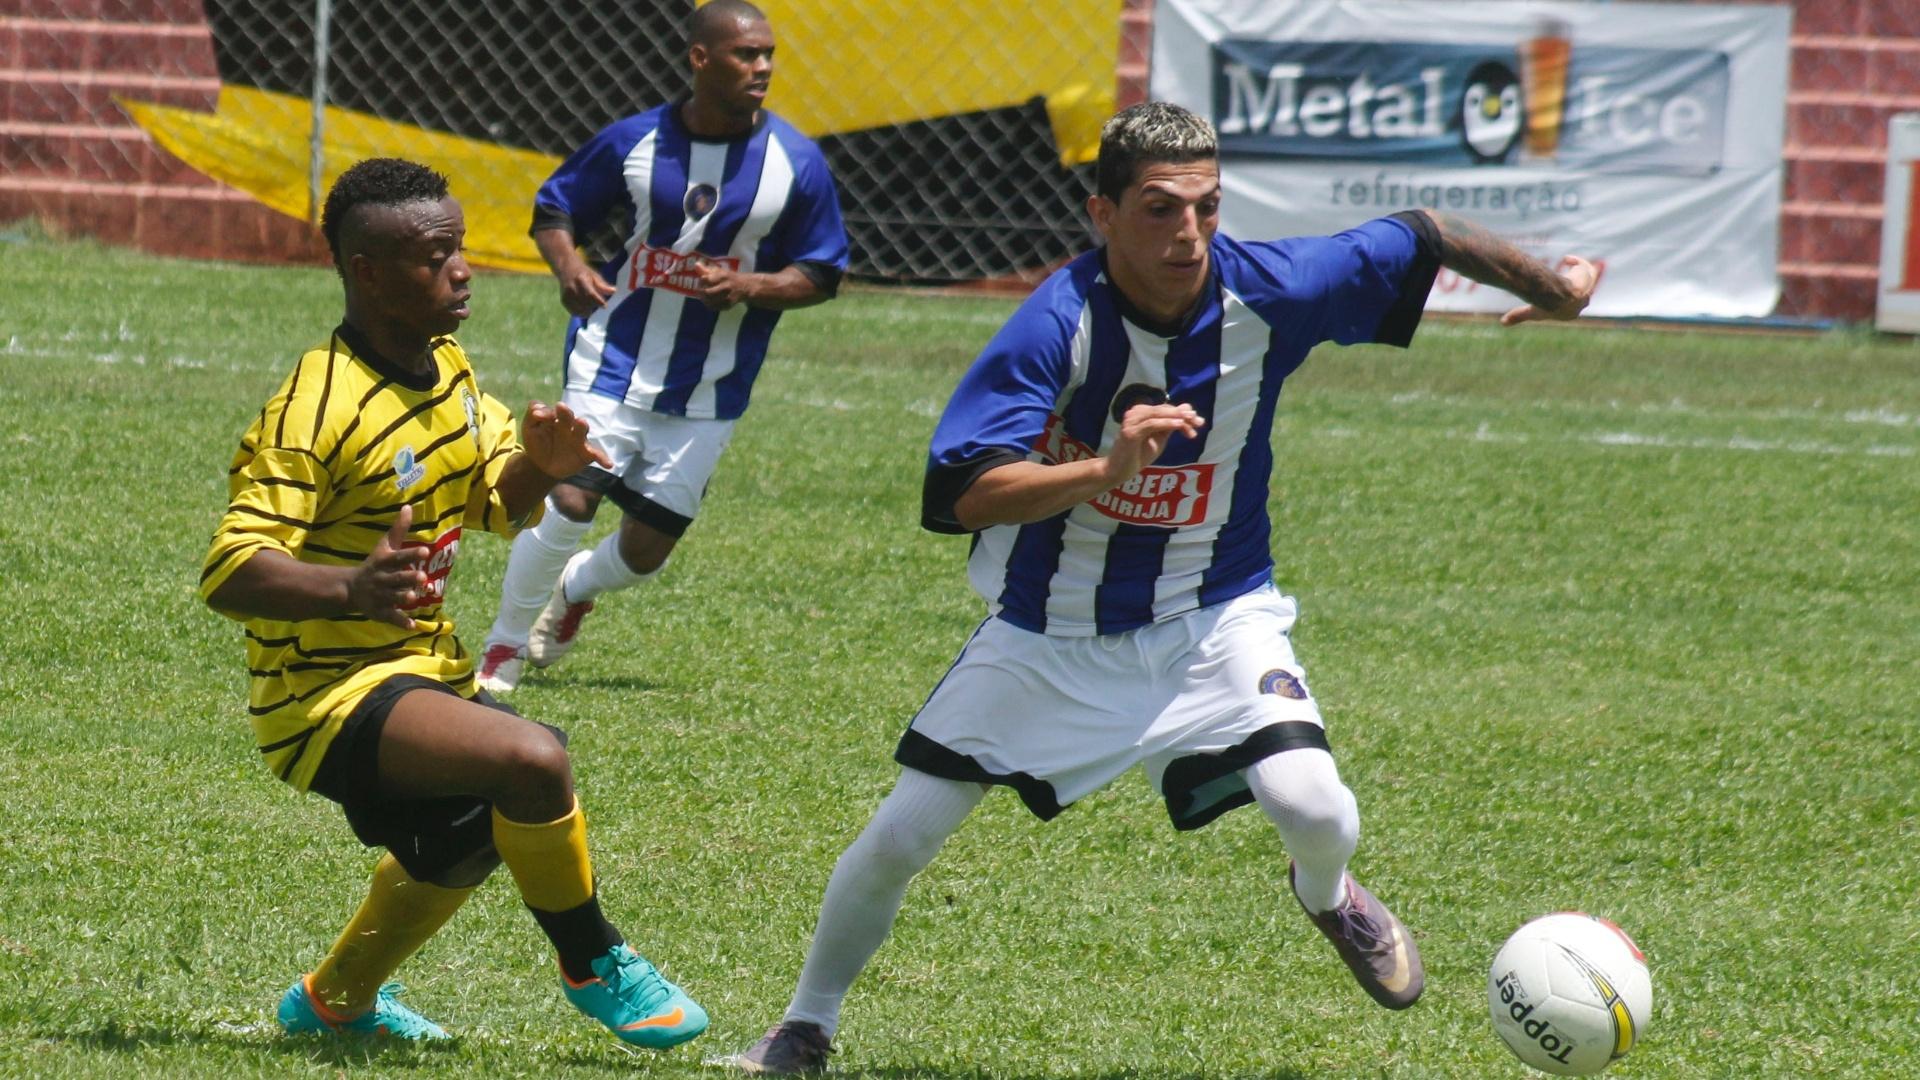 Unidos da Pacarana (amarelo) venceu o Inter nos pênaltis por 4 a 3 após o empate por 1 a 1 no tempo normal e sagrou-se campeão da série B da Copa Kaiser 2012